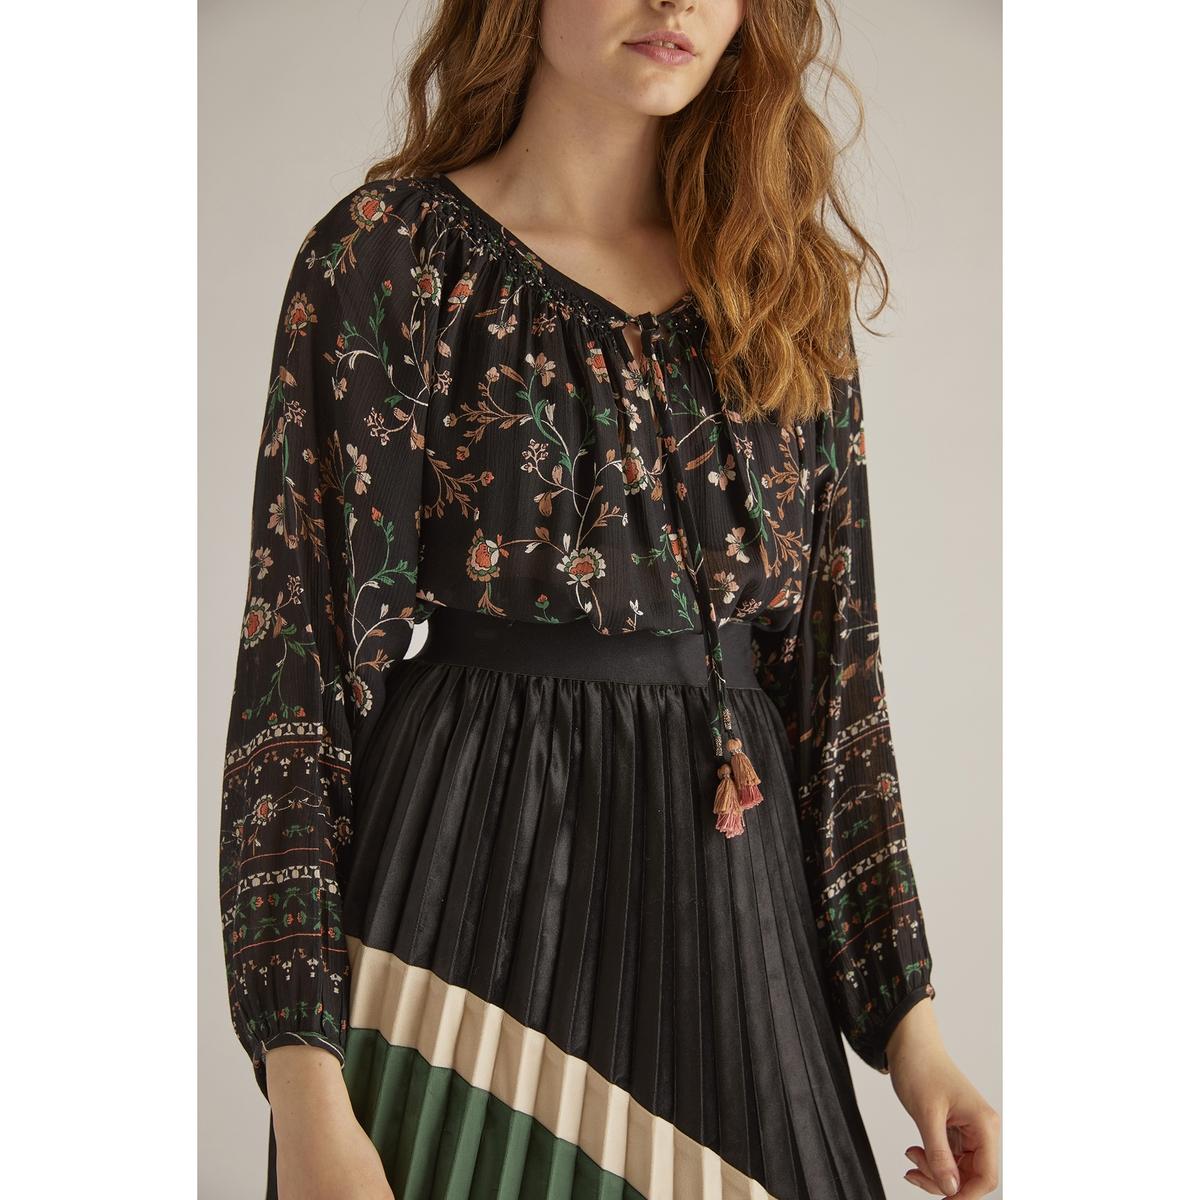 Блузка с круглым вырезом, цветочным рисунком  длинными рукавами